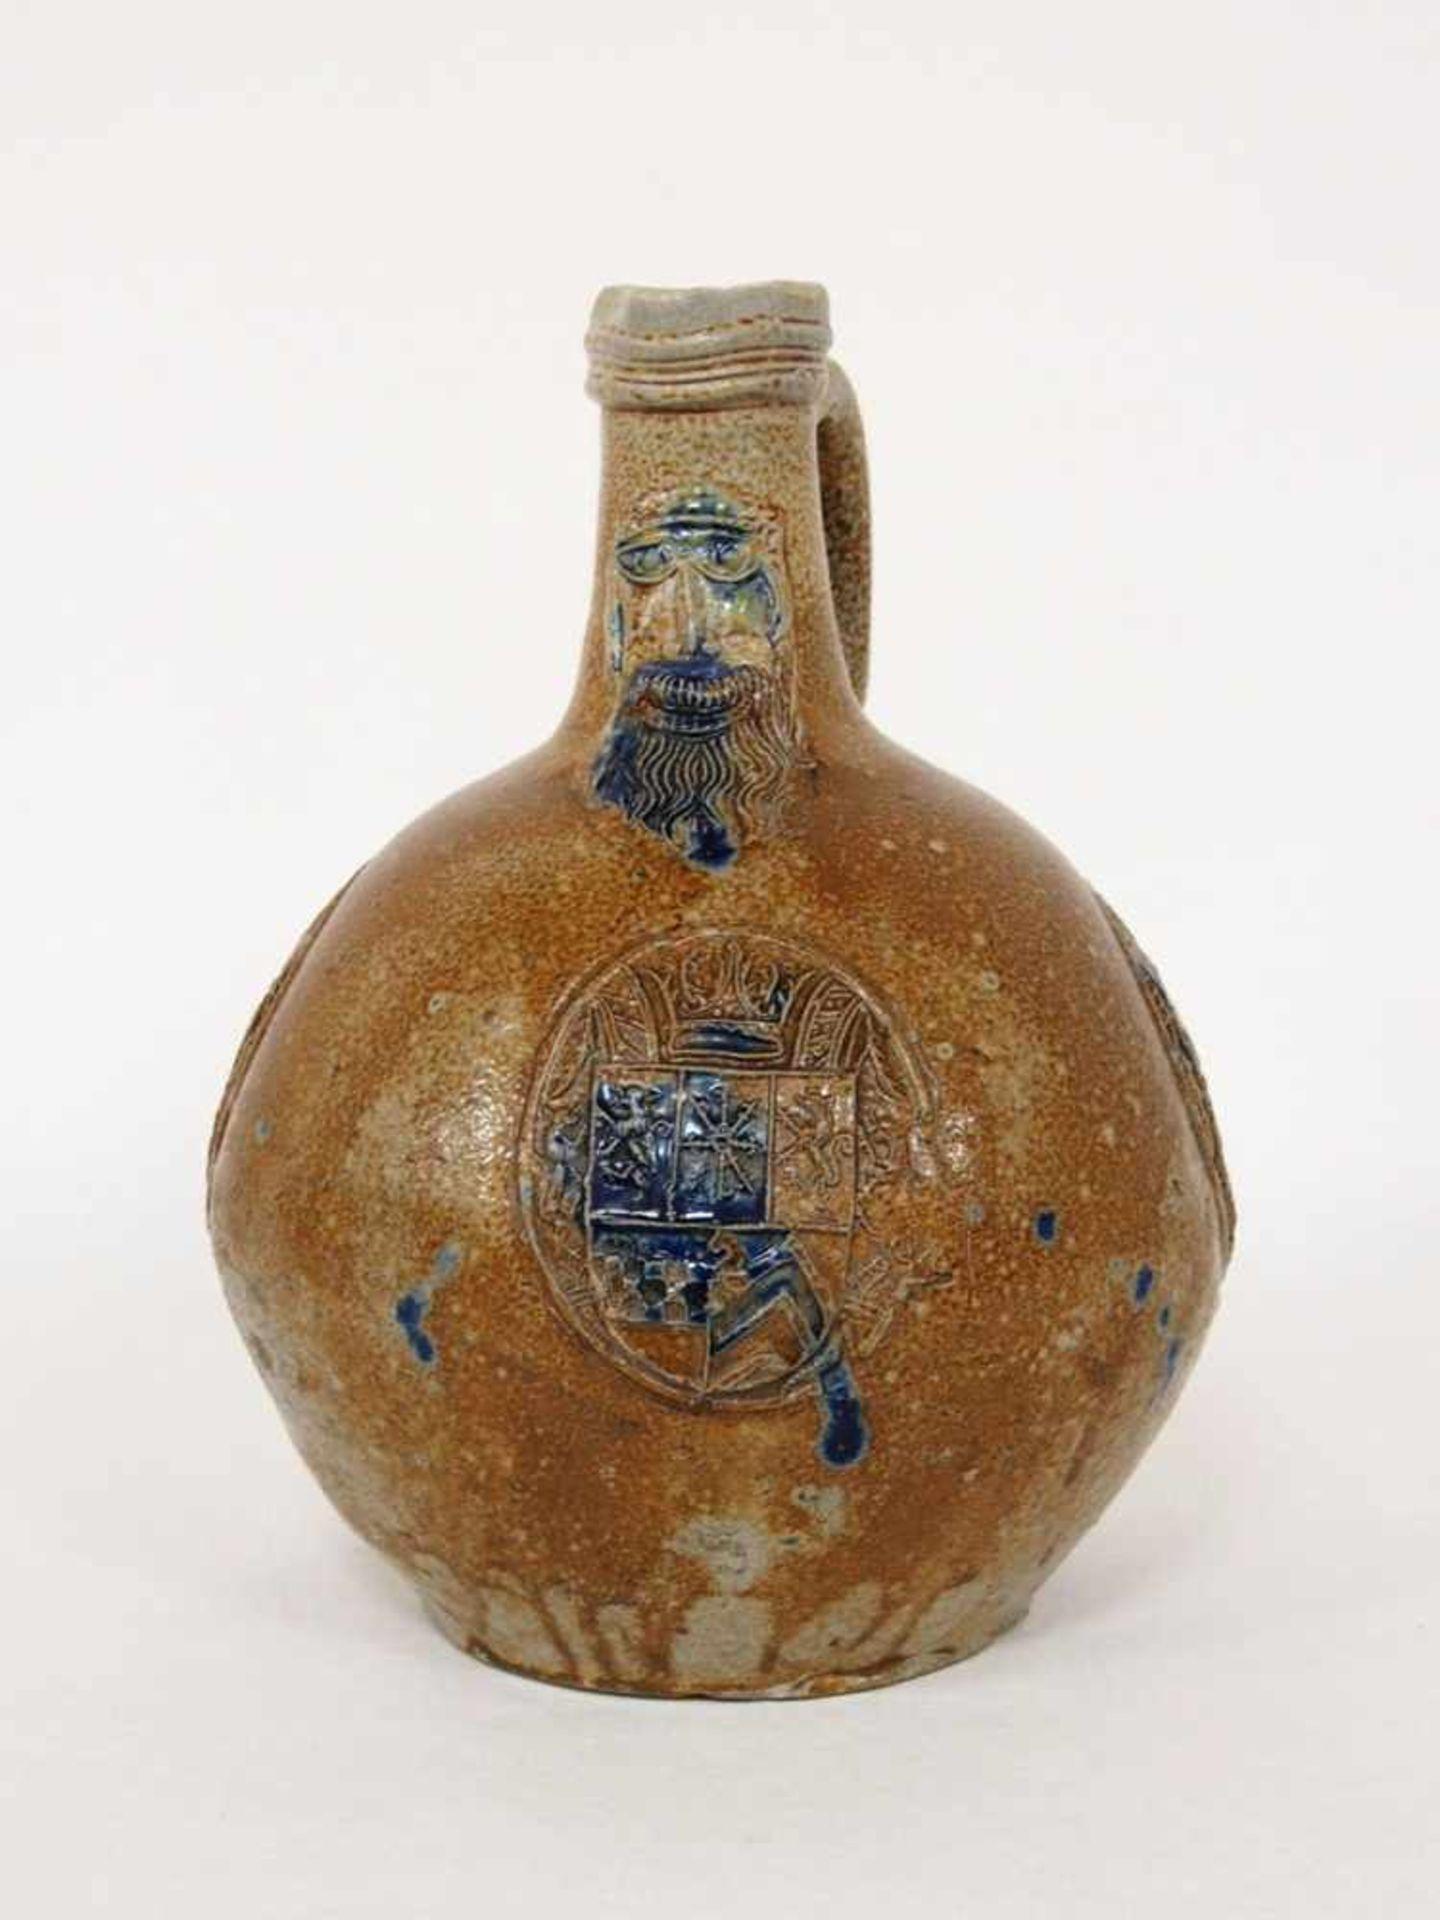 Bartmannkanne mit Wappen des Herzogtums Jülich, Kleve, BergSteinzeug, salzglasiert mit Kobaldblau,